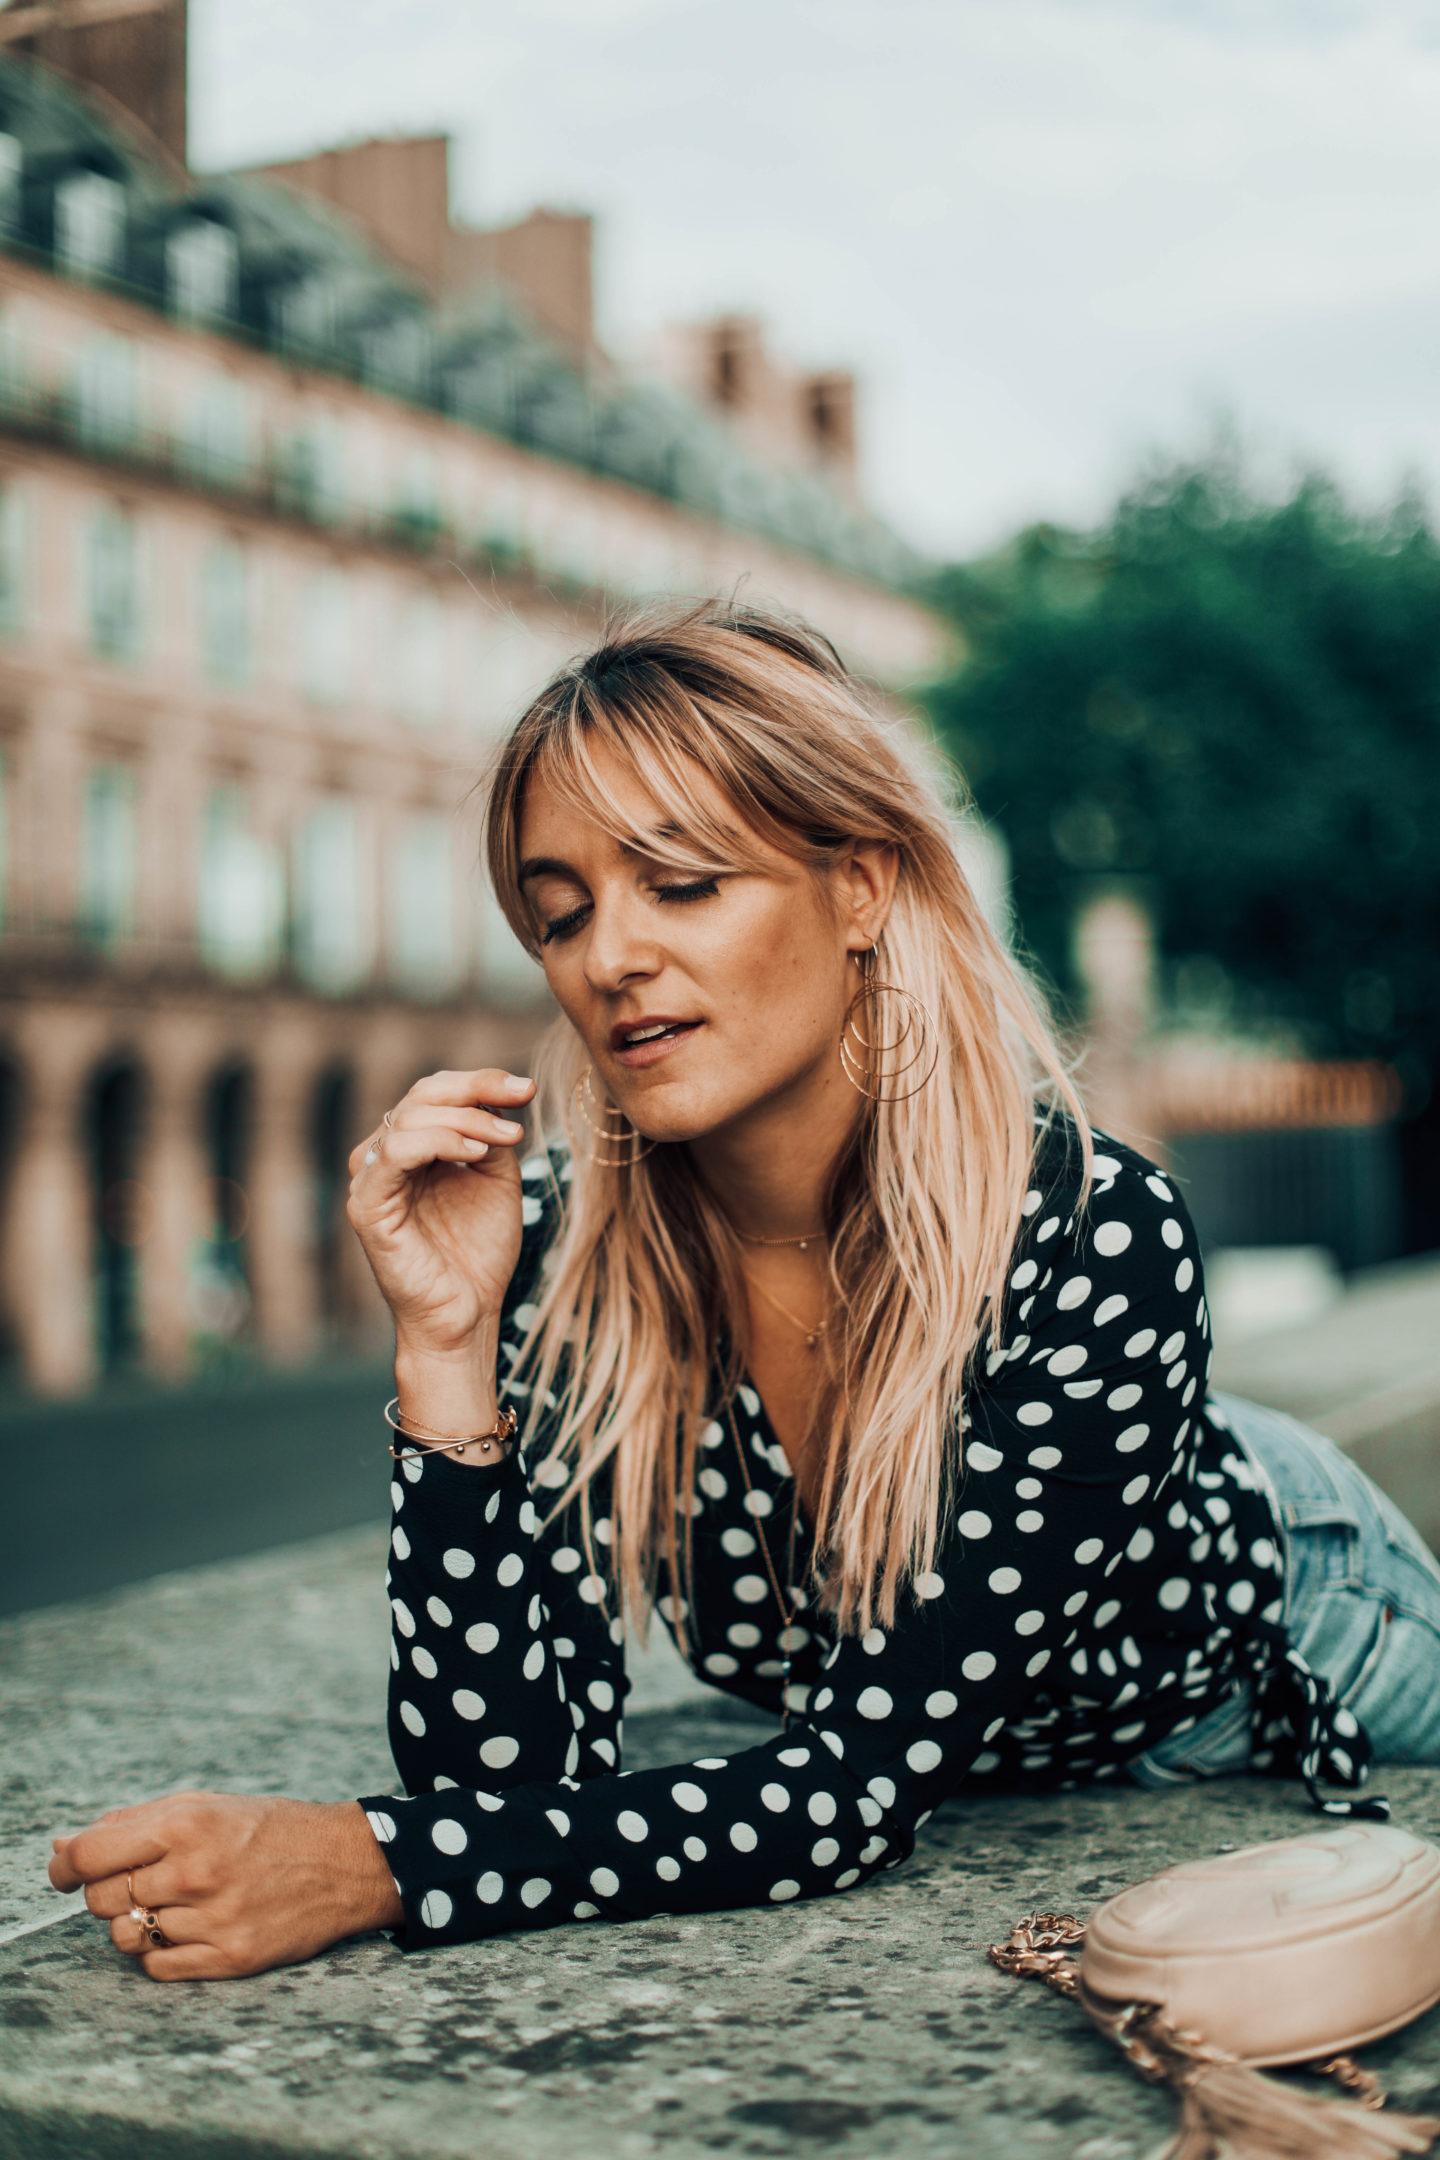 Boucles d'oreilles dorées - Blondie Baby blog mode Paris et voyages